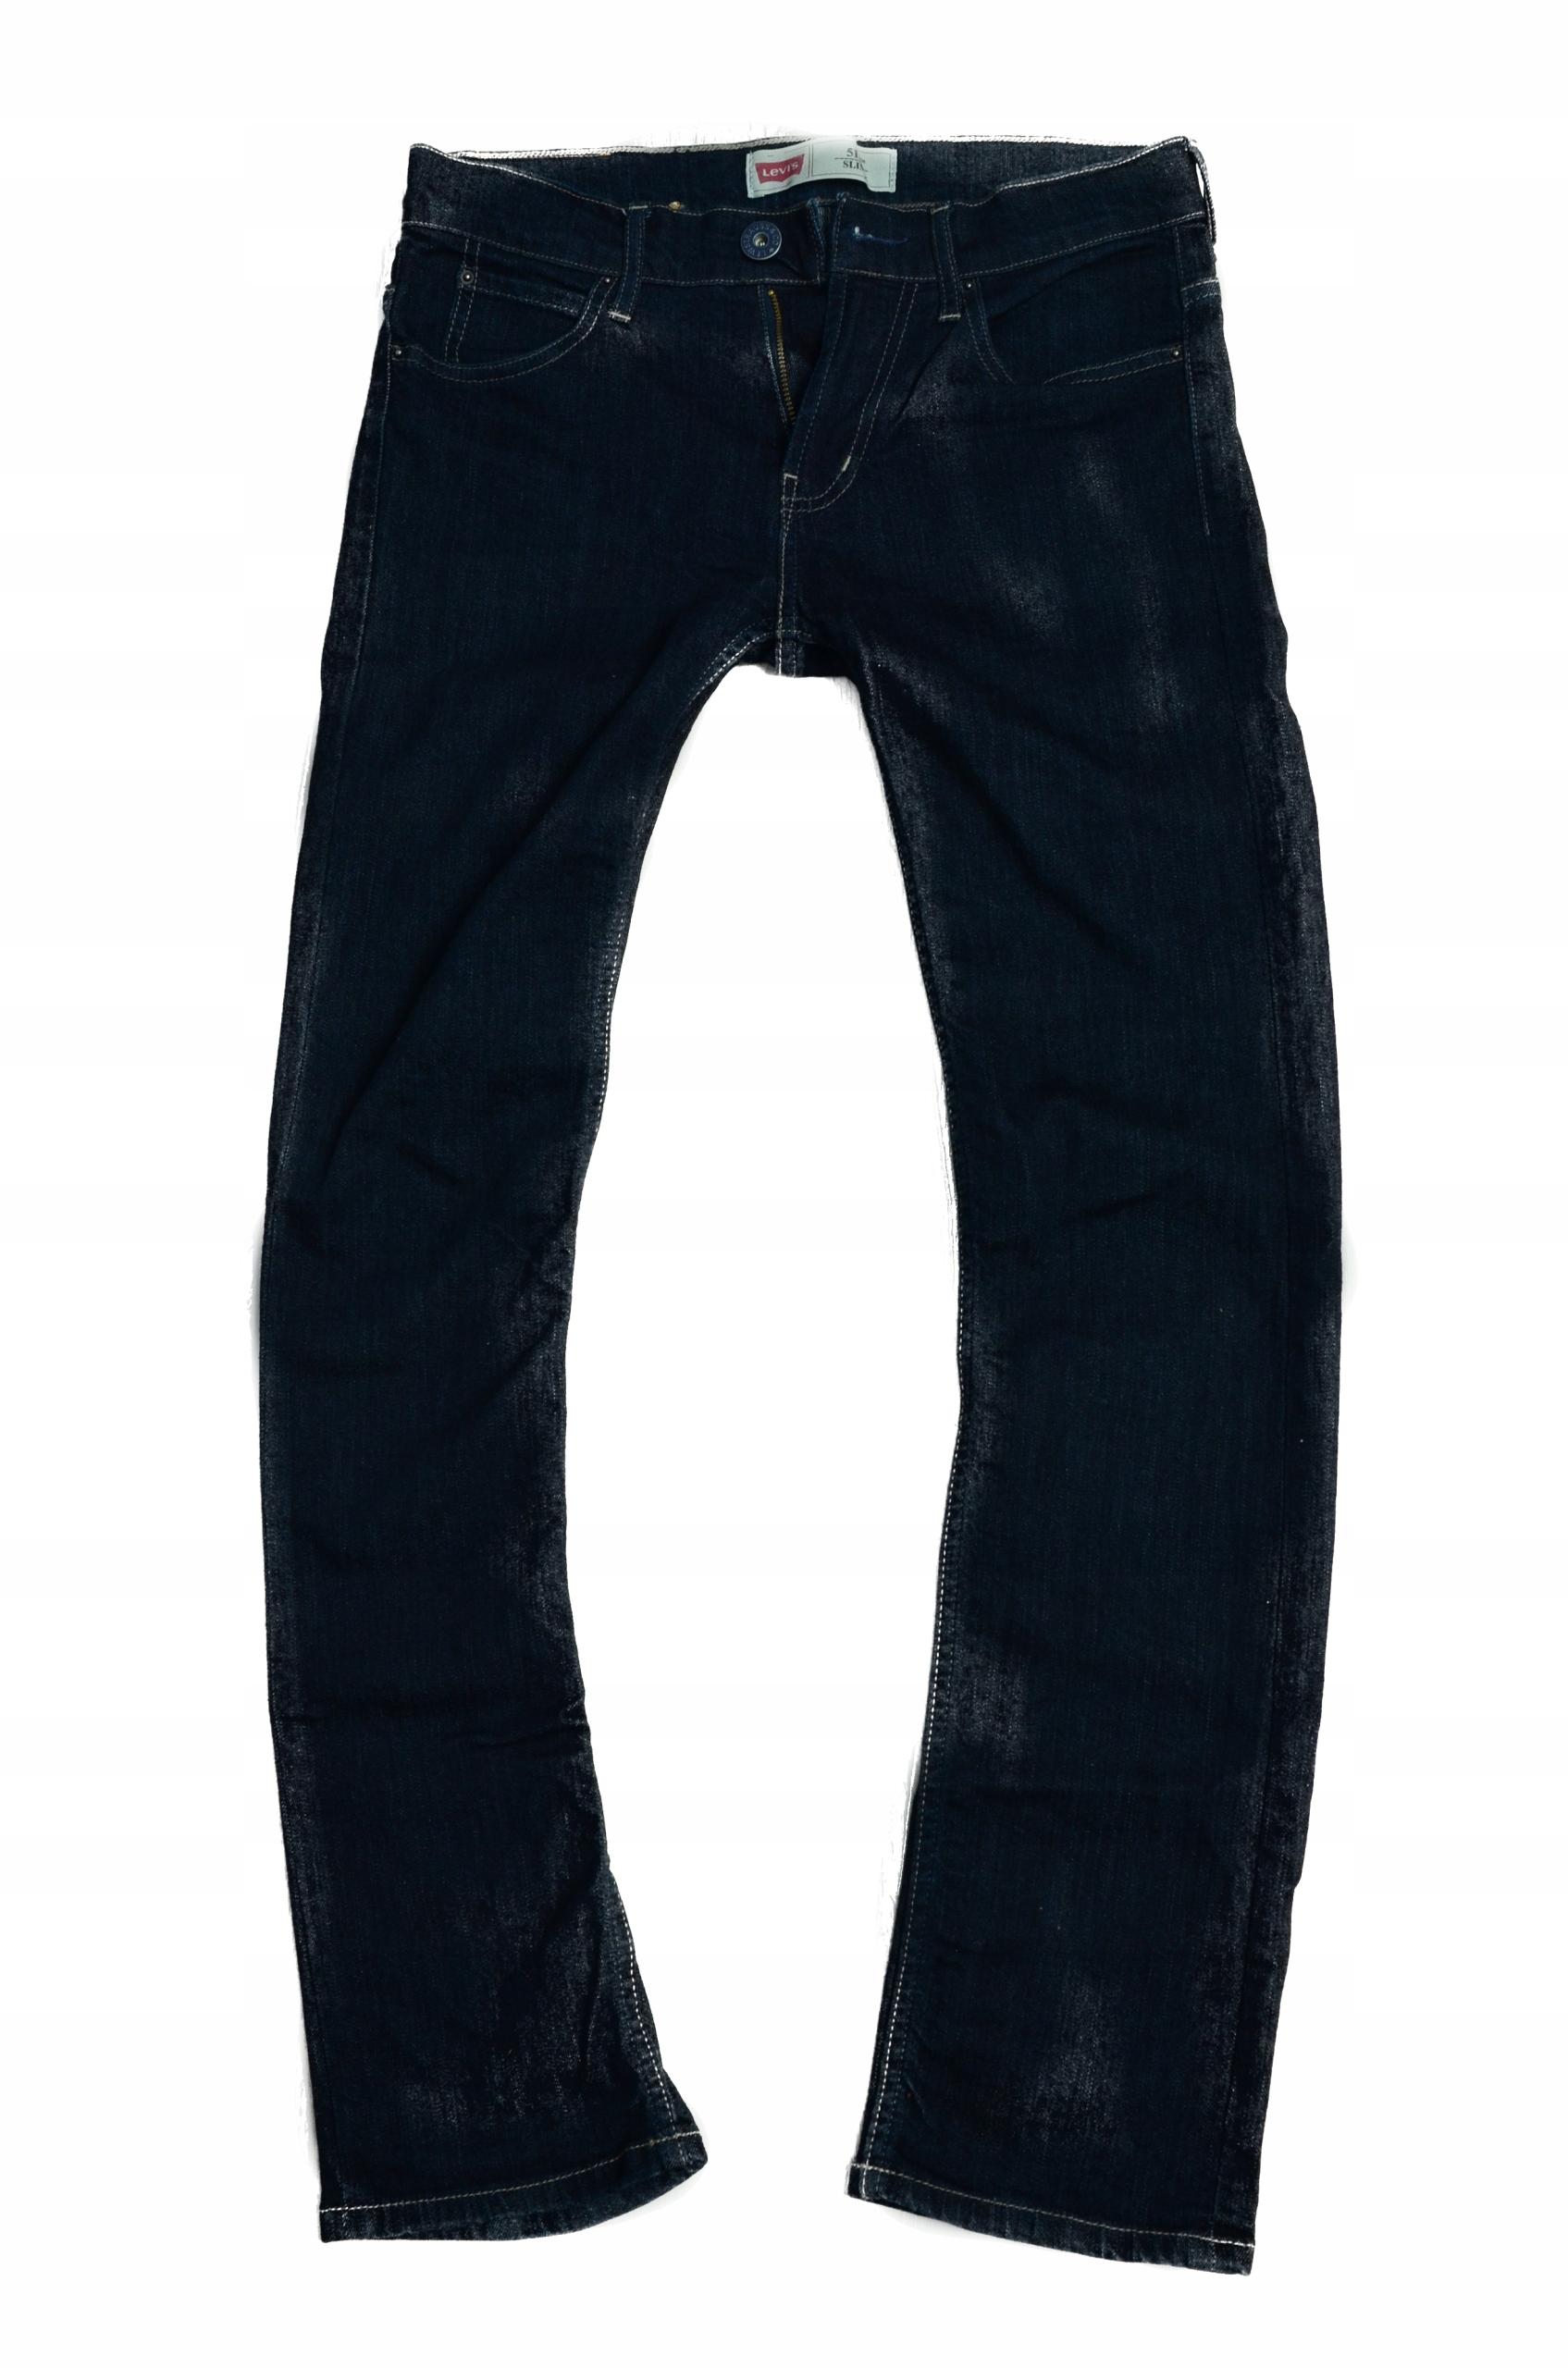 0aa6d659 LEVIS 511 SLIM JEANS spodnie damskie 27/30 pas 76 - 7972482099 ...